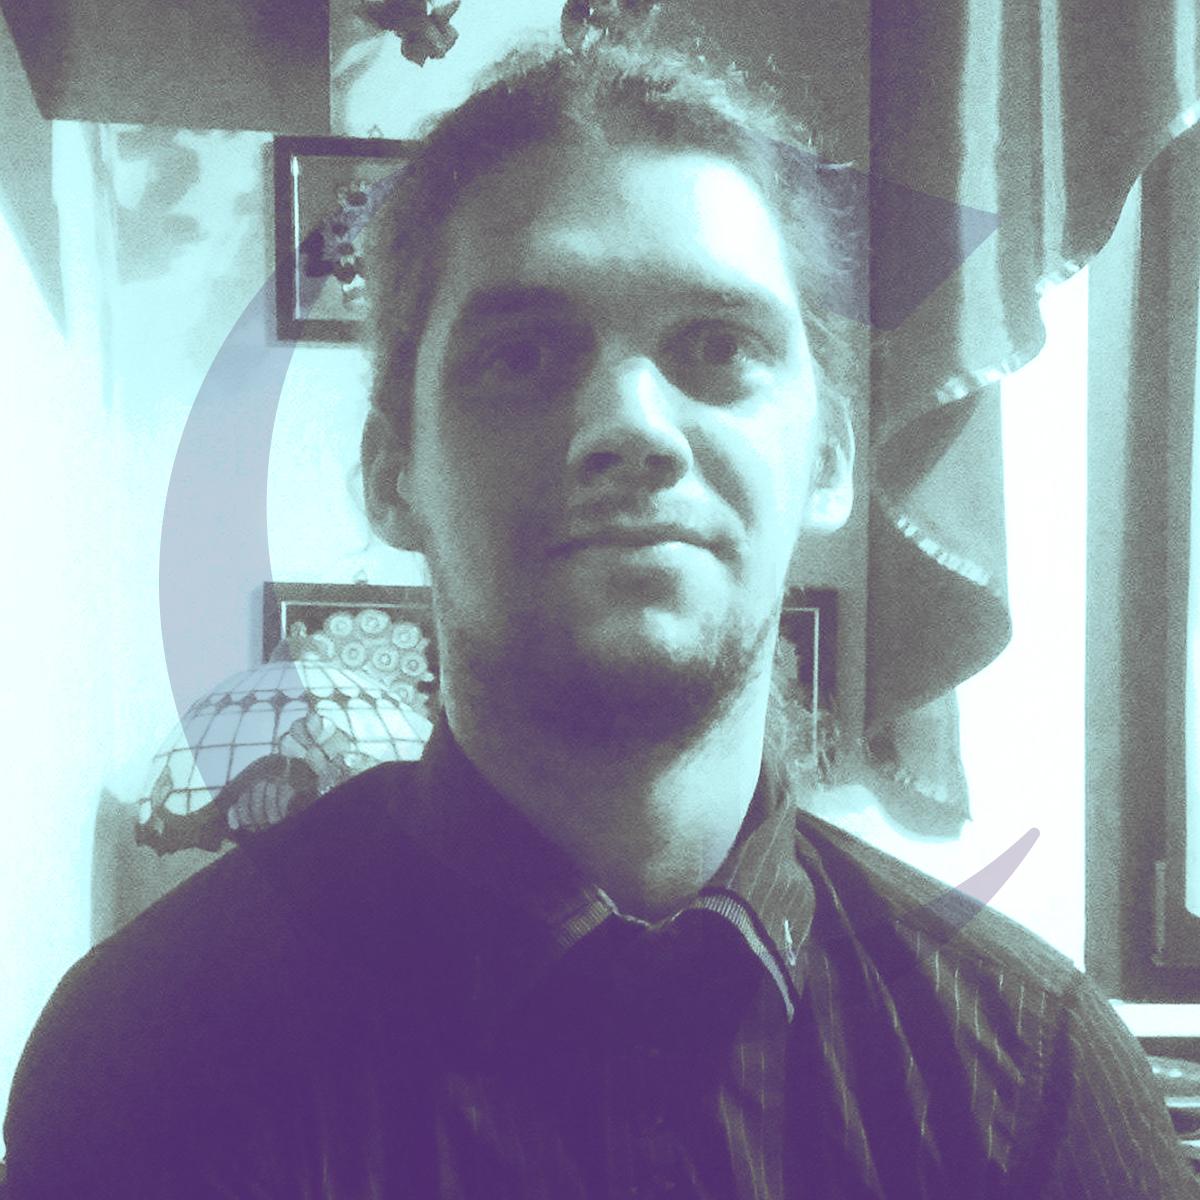 Adrian Zmudzinski